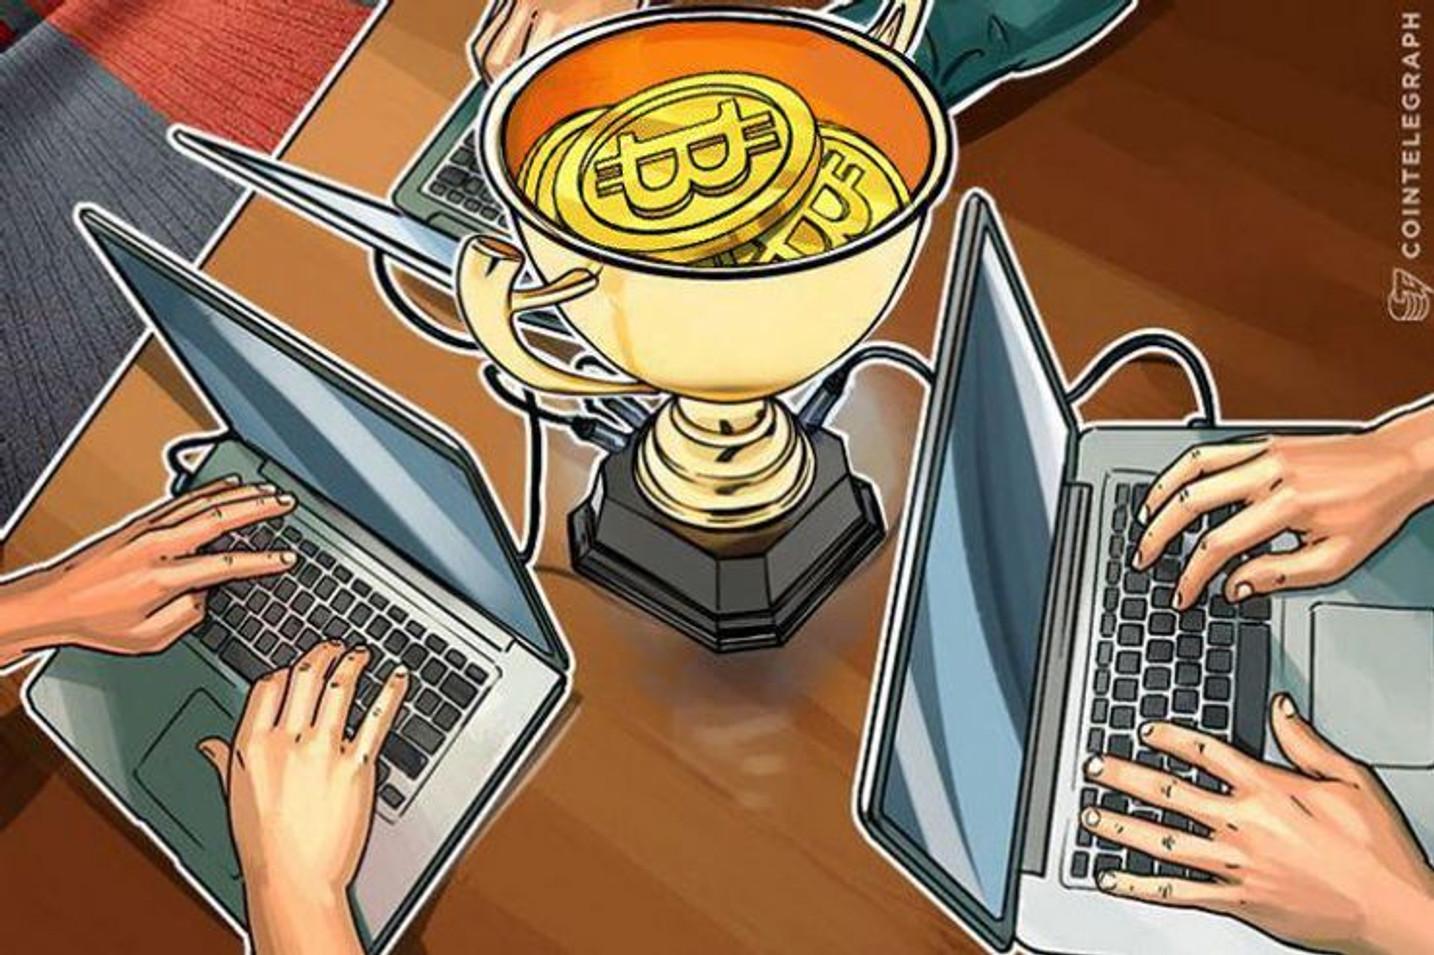 Empresa de Campina Grande (PB) promove Hackathon para desenvolvimento de jogos com criptomoedas